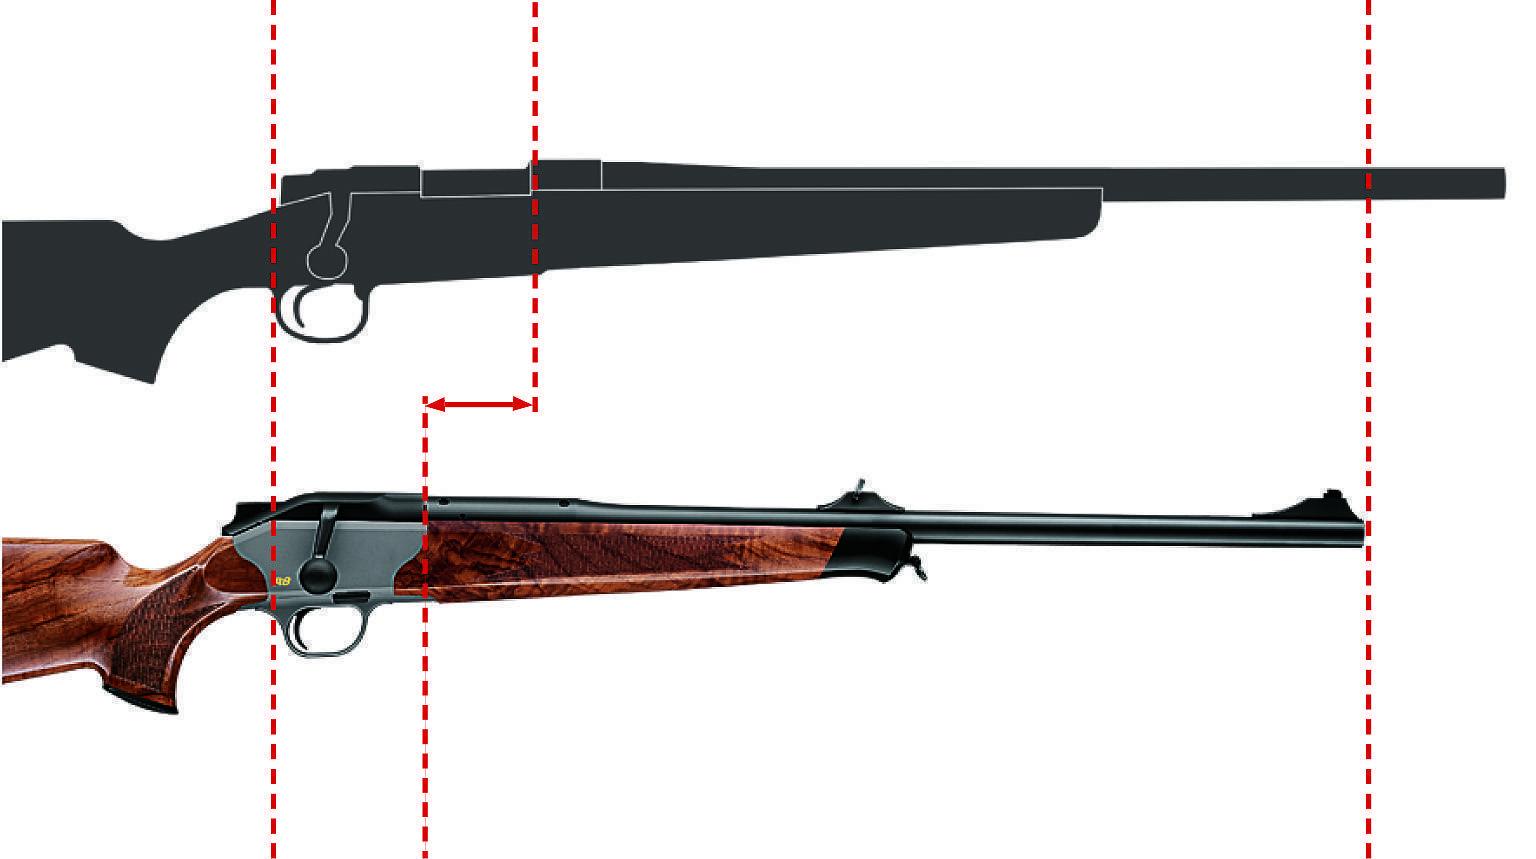 Снайперская винтовка blaser r93 lrs2 / tactical 2